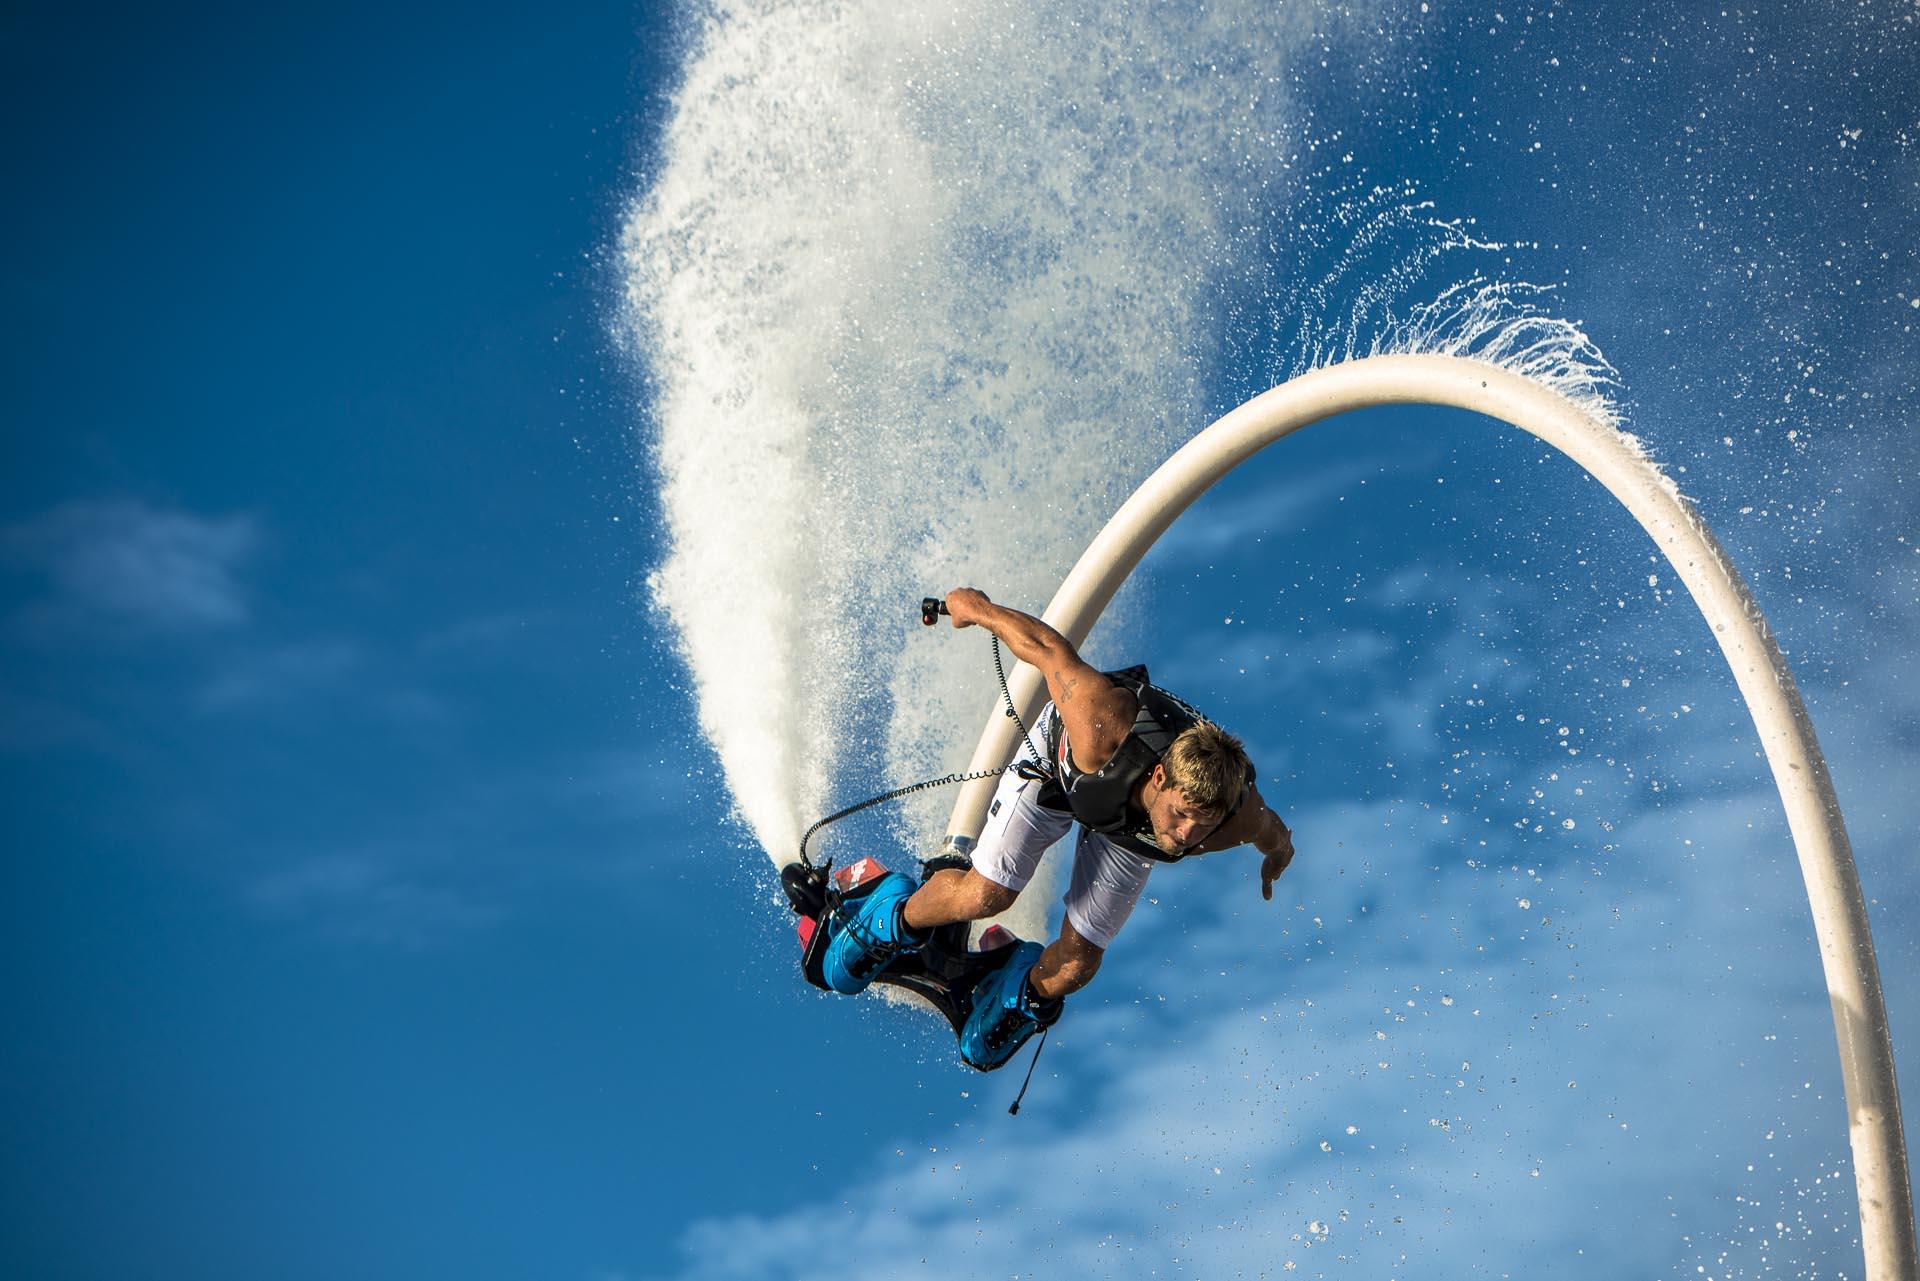 一生に一度はやってみたい!水圧で空を飛ぶ【フライボード/ホバーボード/ジェットレブ】